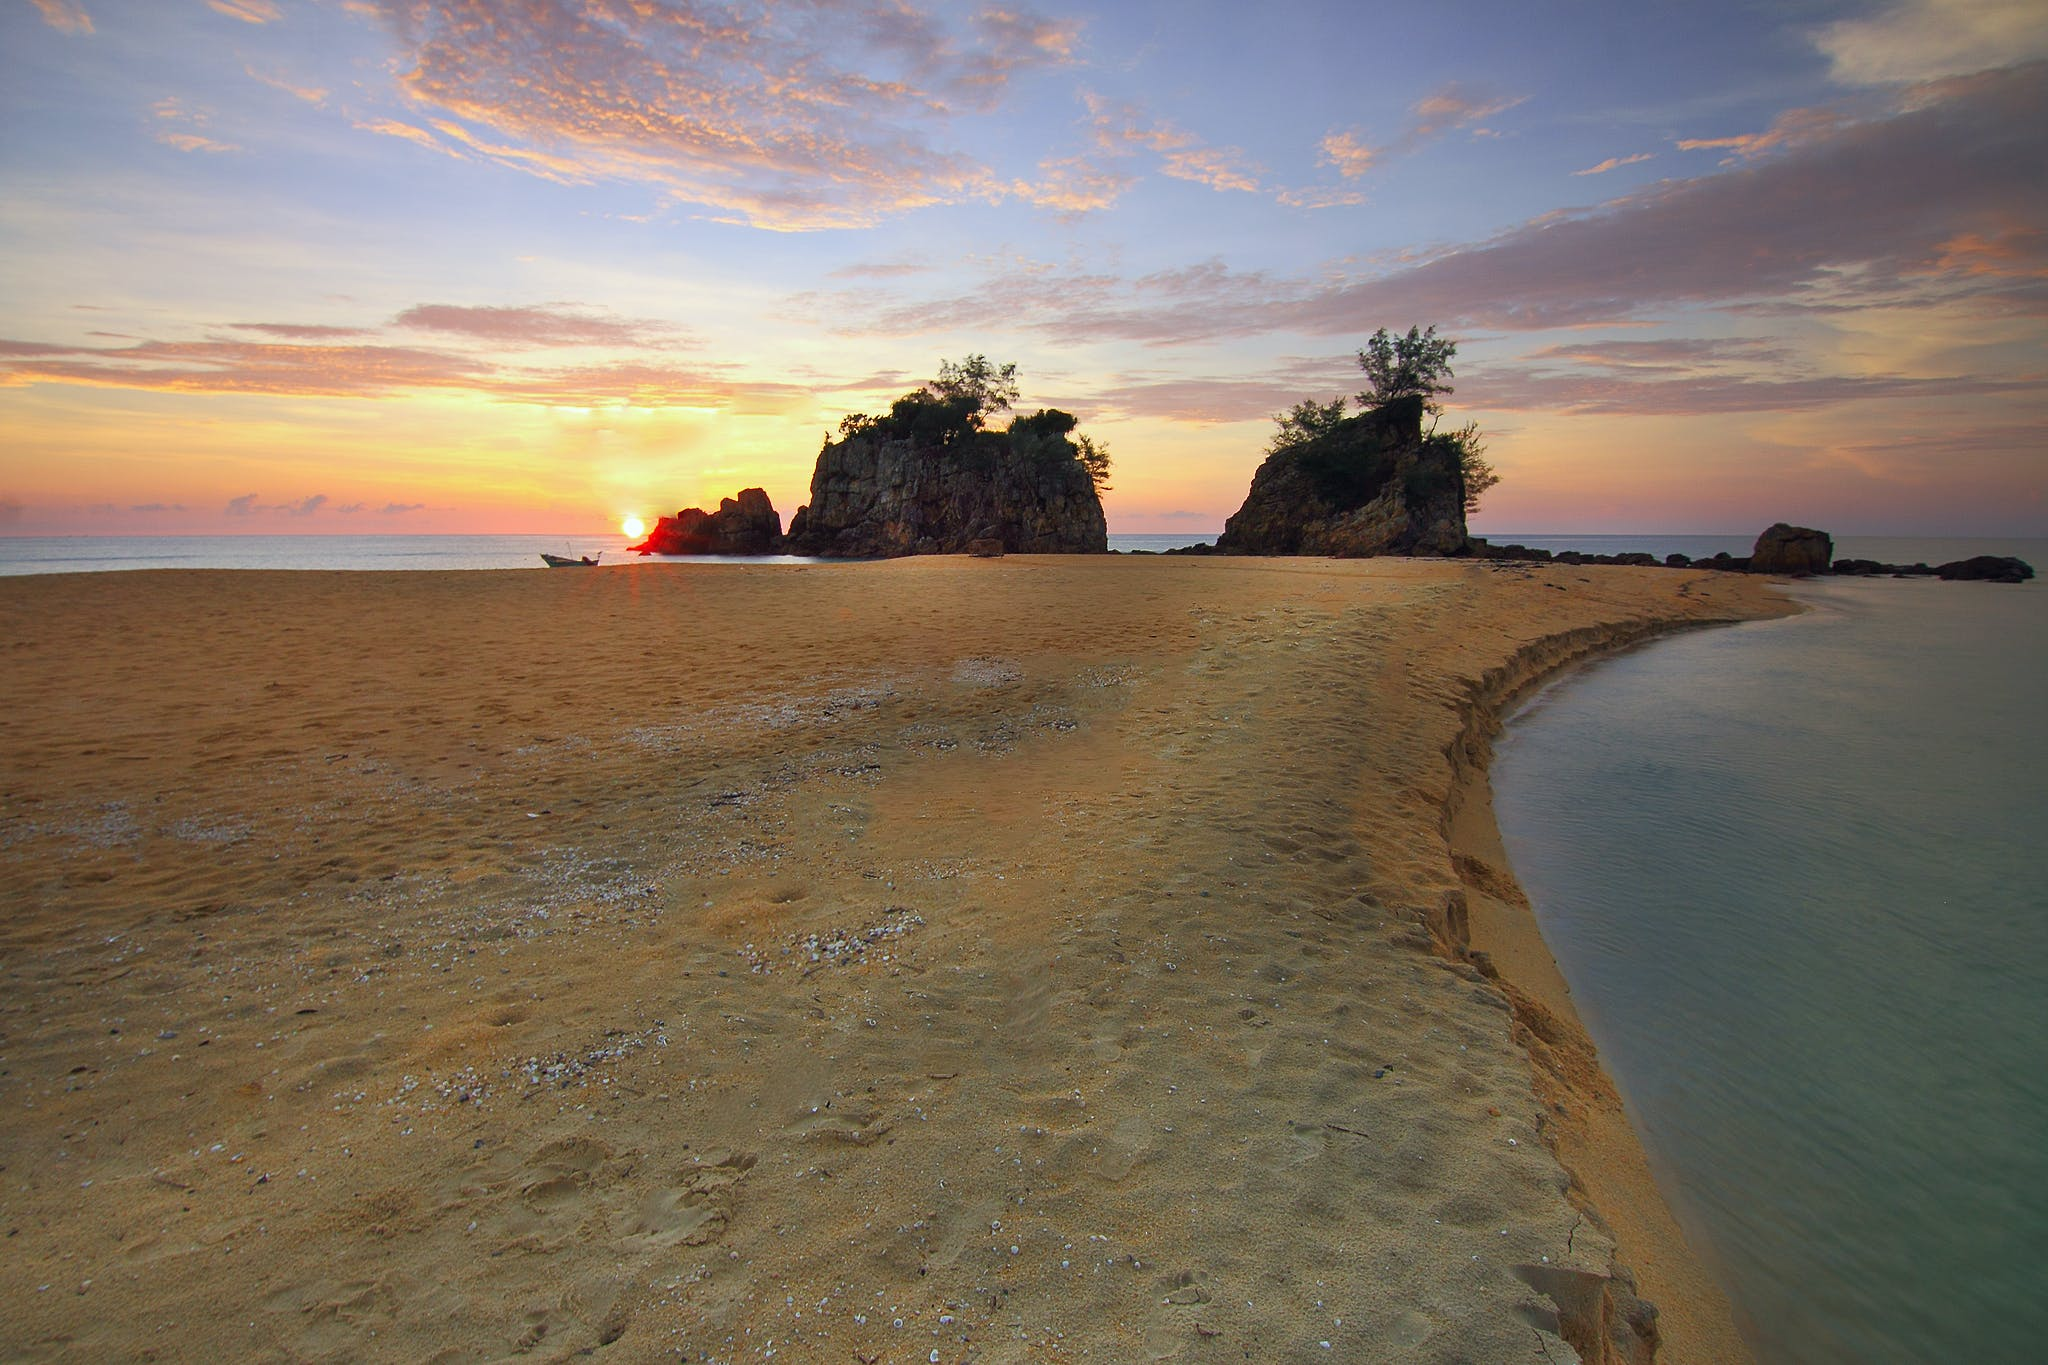 경치가 좋은, 고요한, 구름, 모래의 무료 스톡 사진